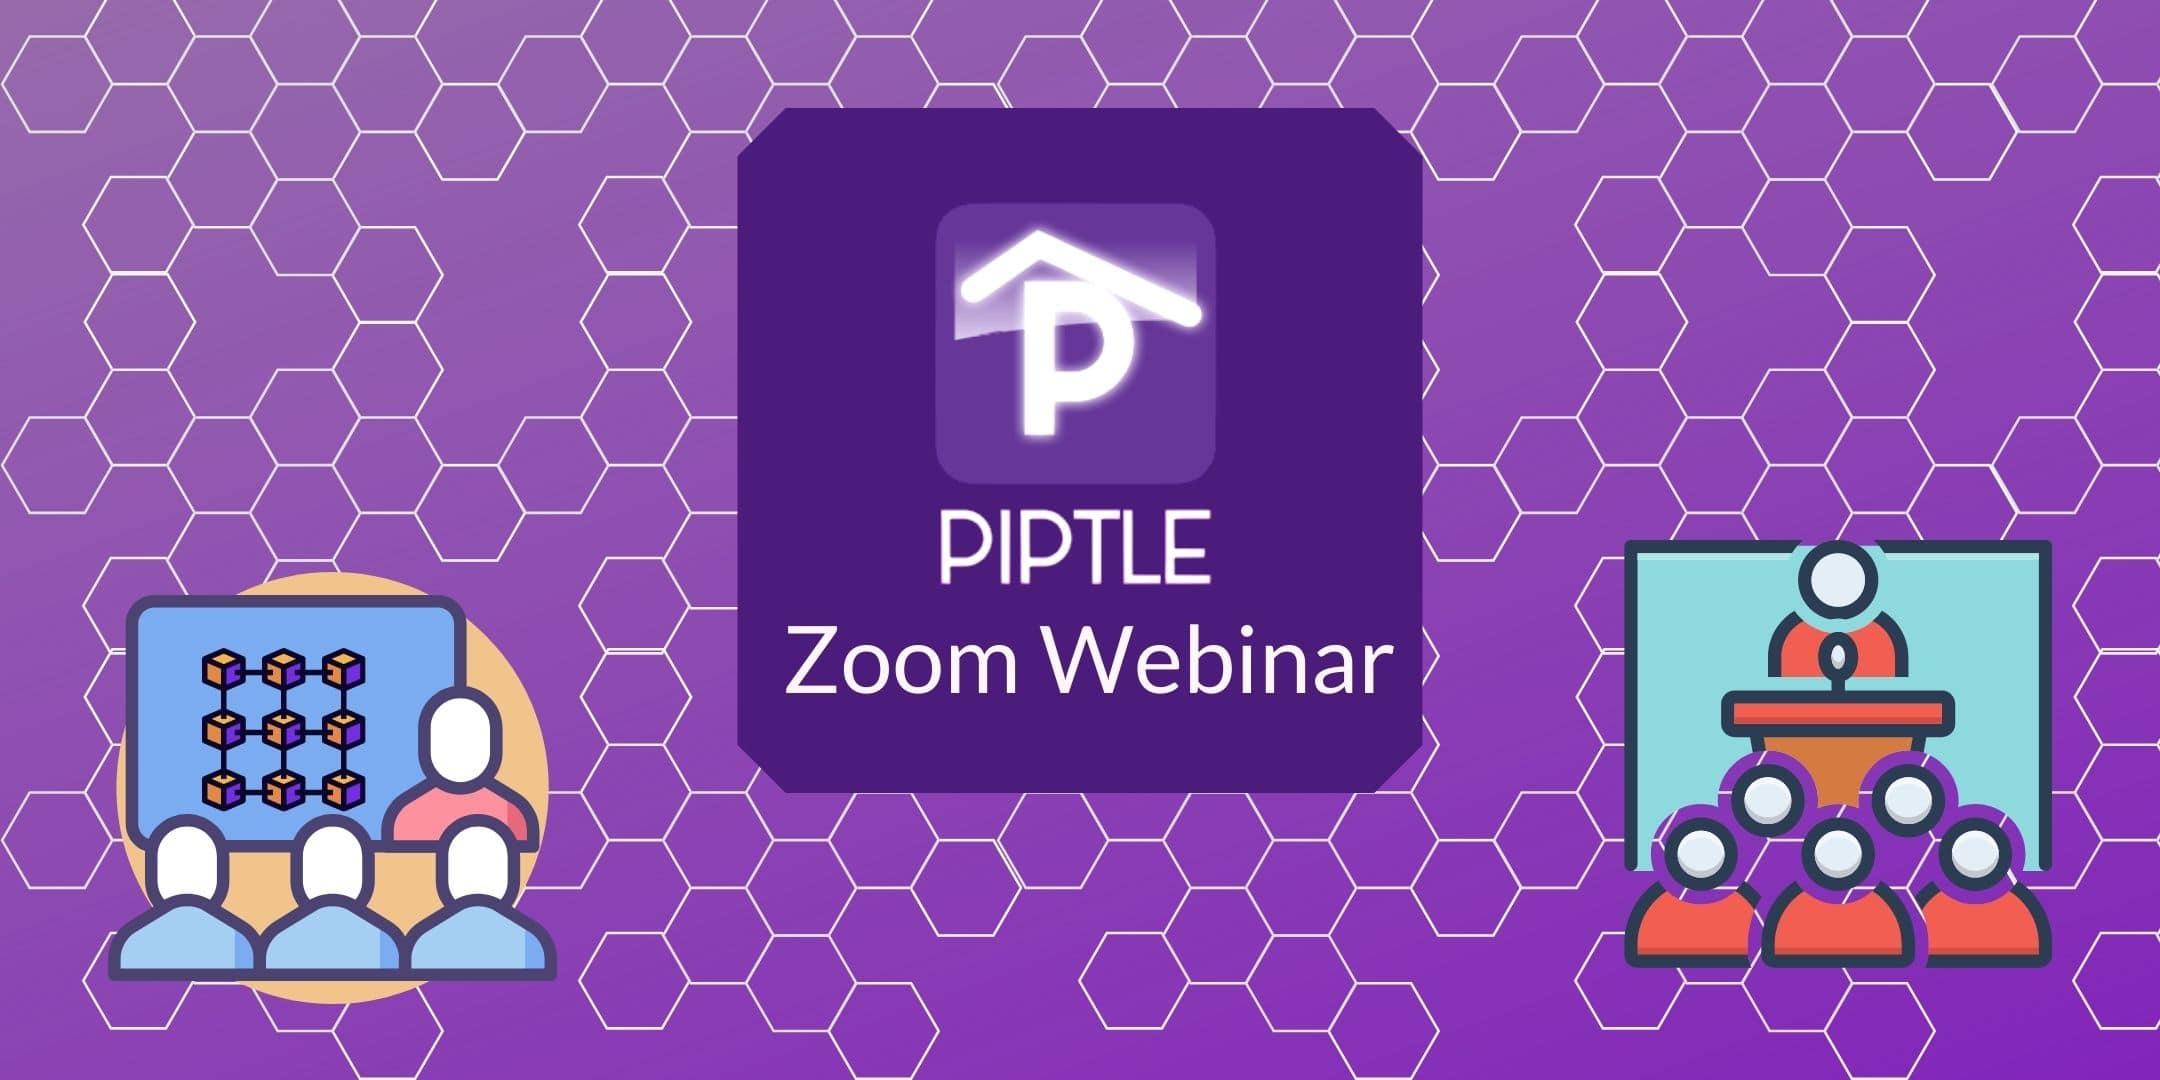 Piptle Zoom Webinar